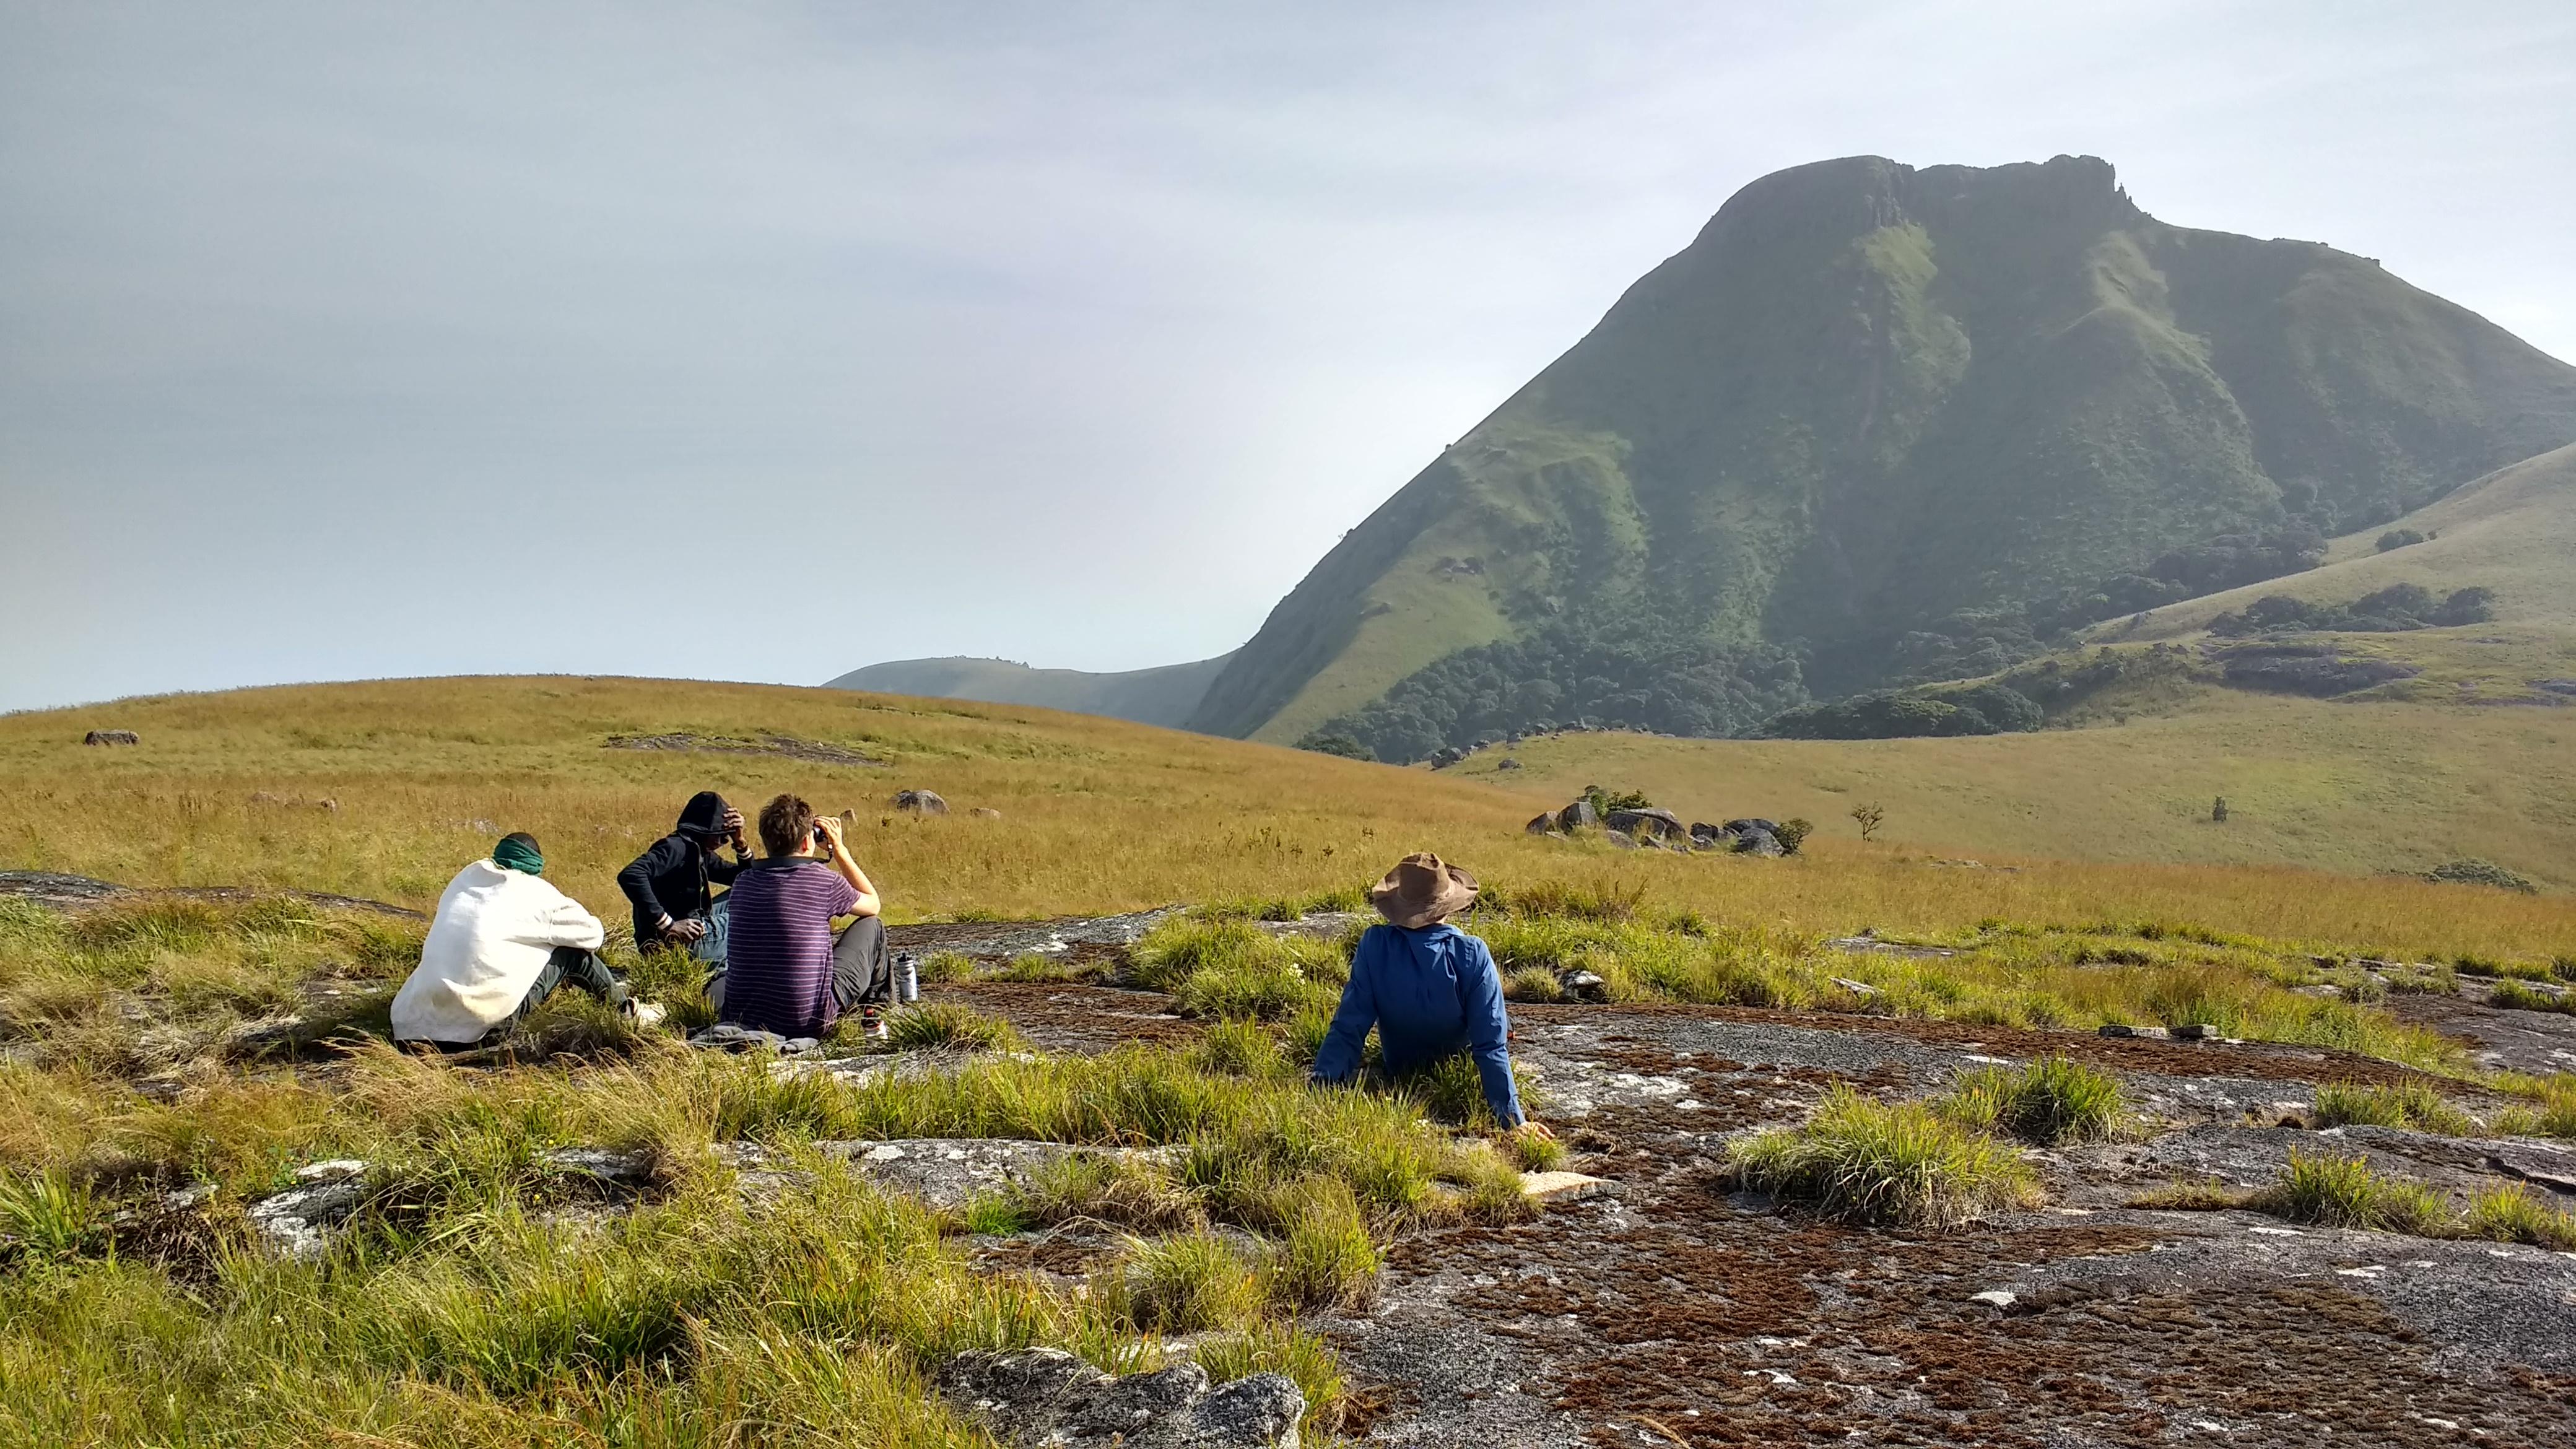 Walkers look up at Mt Bintumani